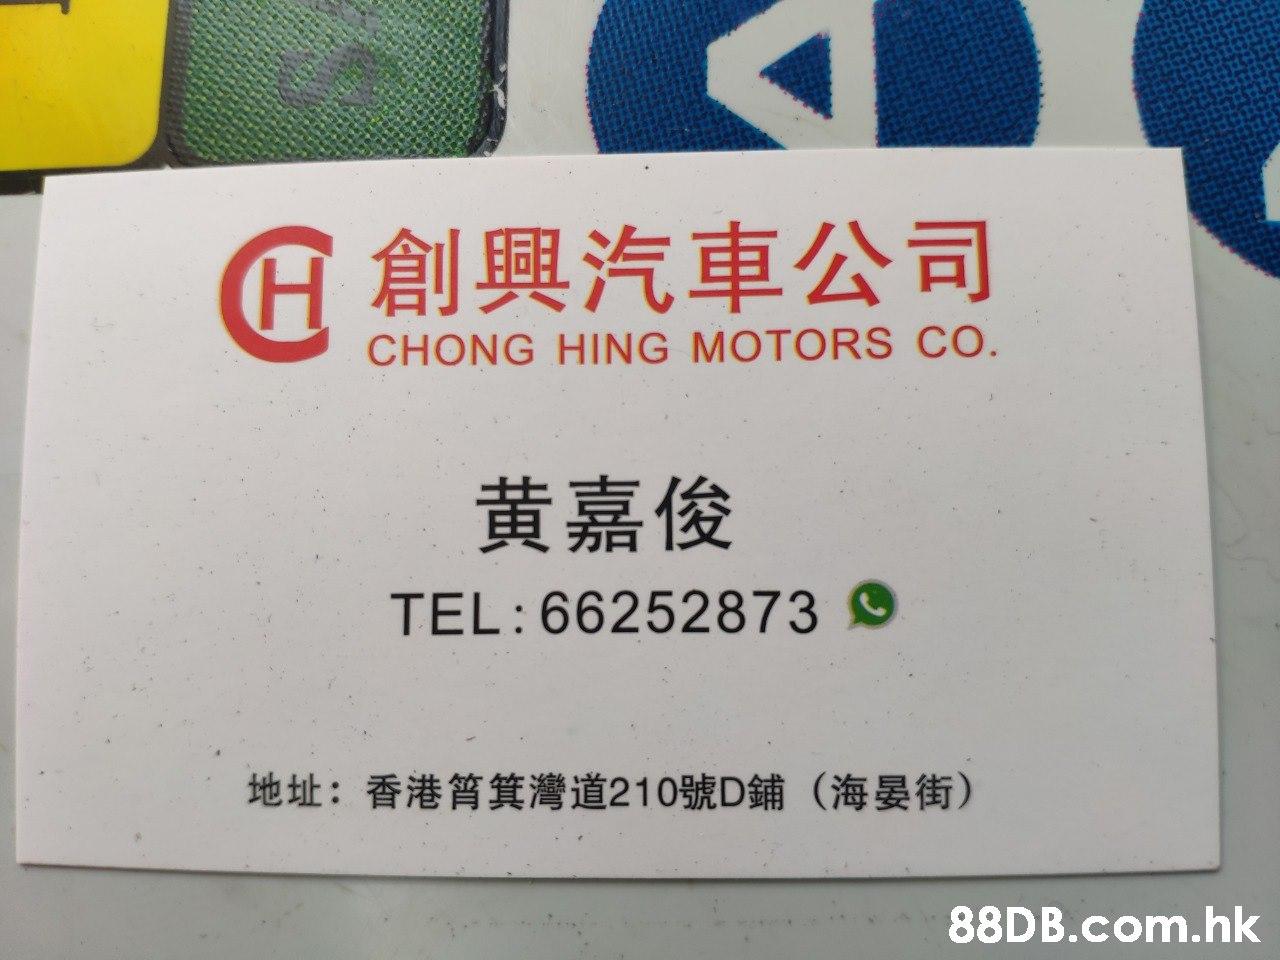 A創興汽車公司 CHỌNG HING MOTOR s co. 黄嘉俊 TEL:66252873 香港筲箕灣道210號D鋪(海晏街) 地址: .hk  Material property,Font,Label